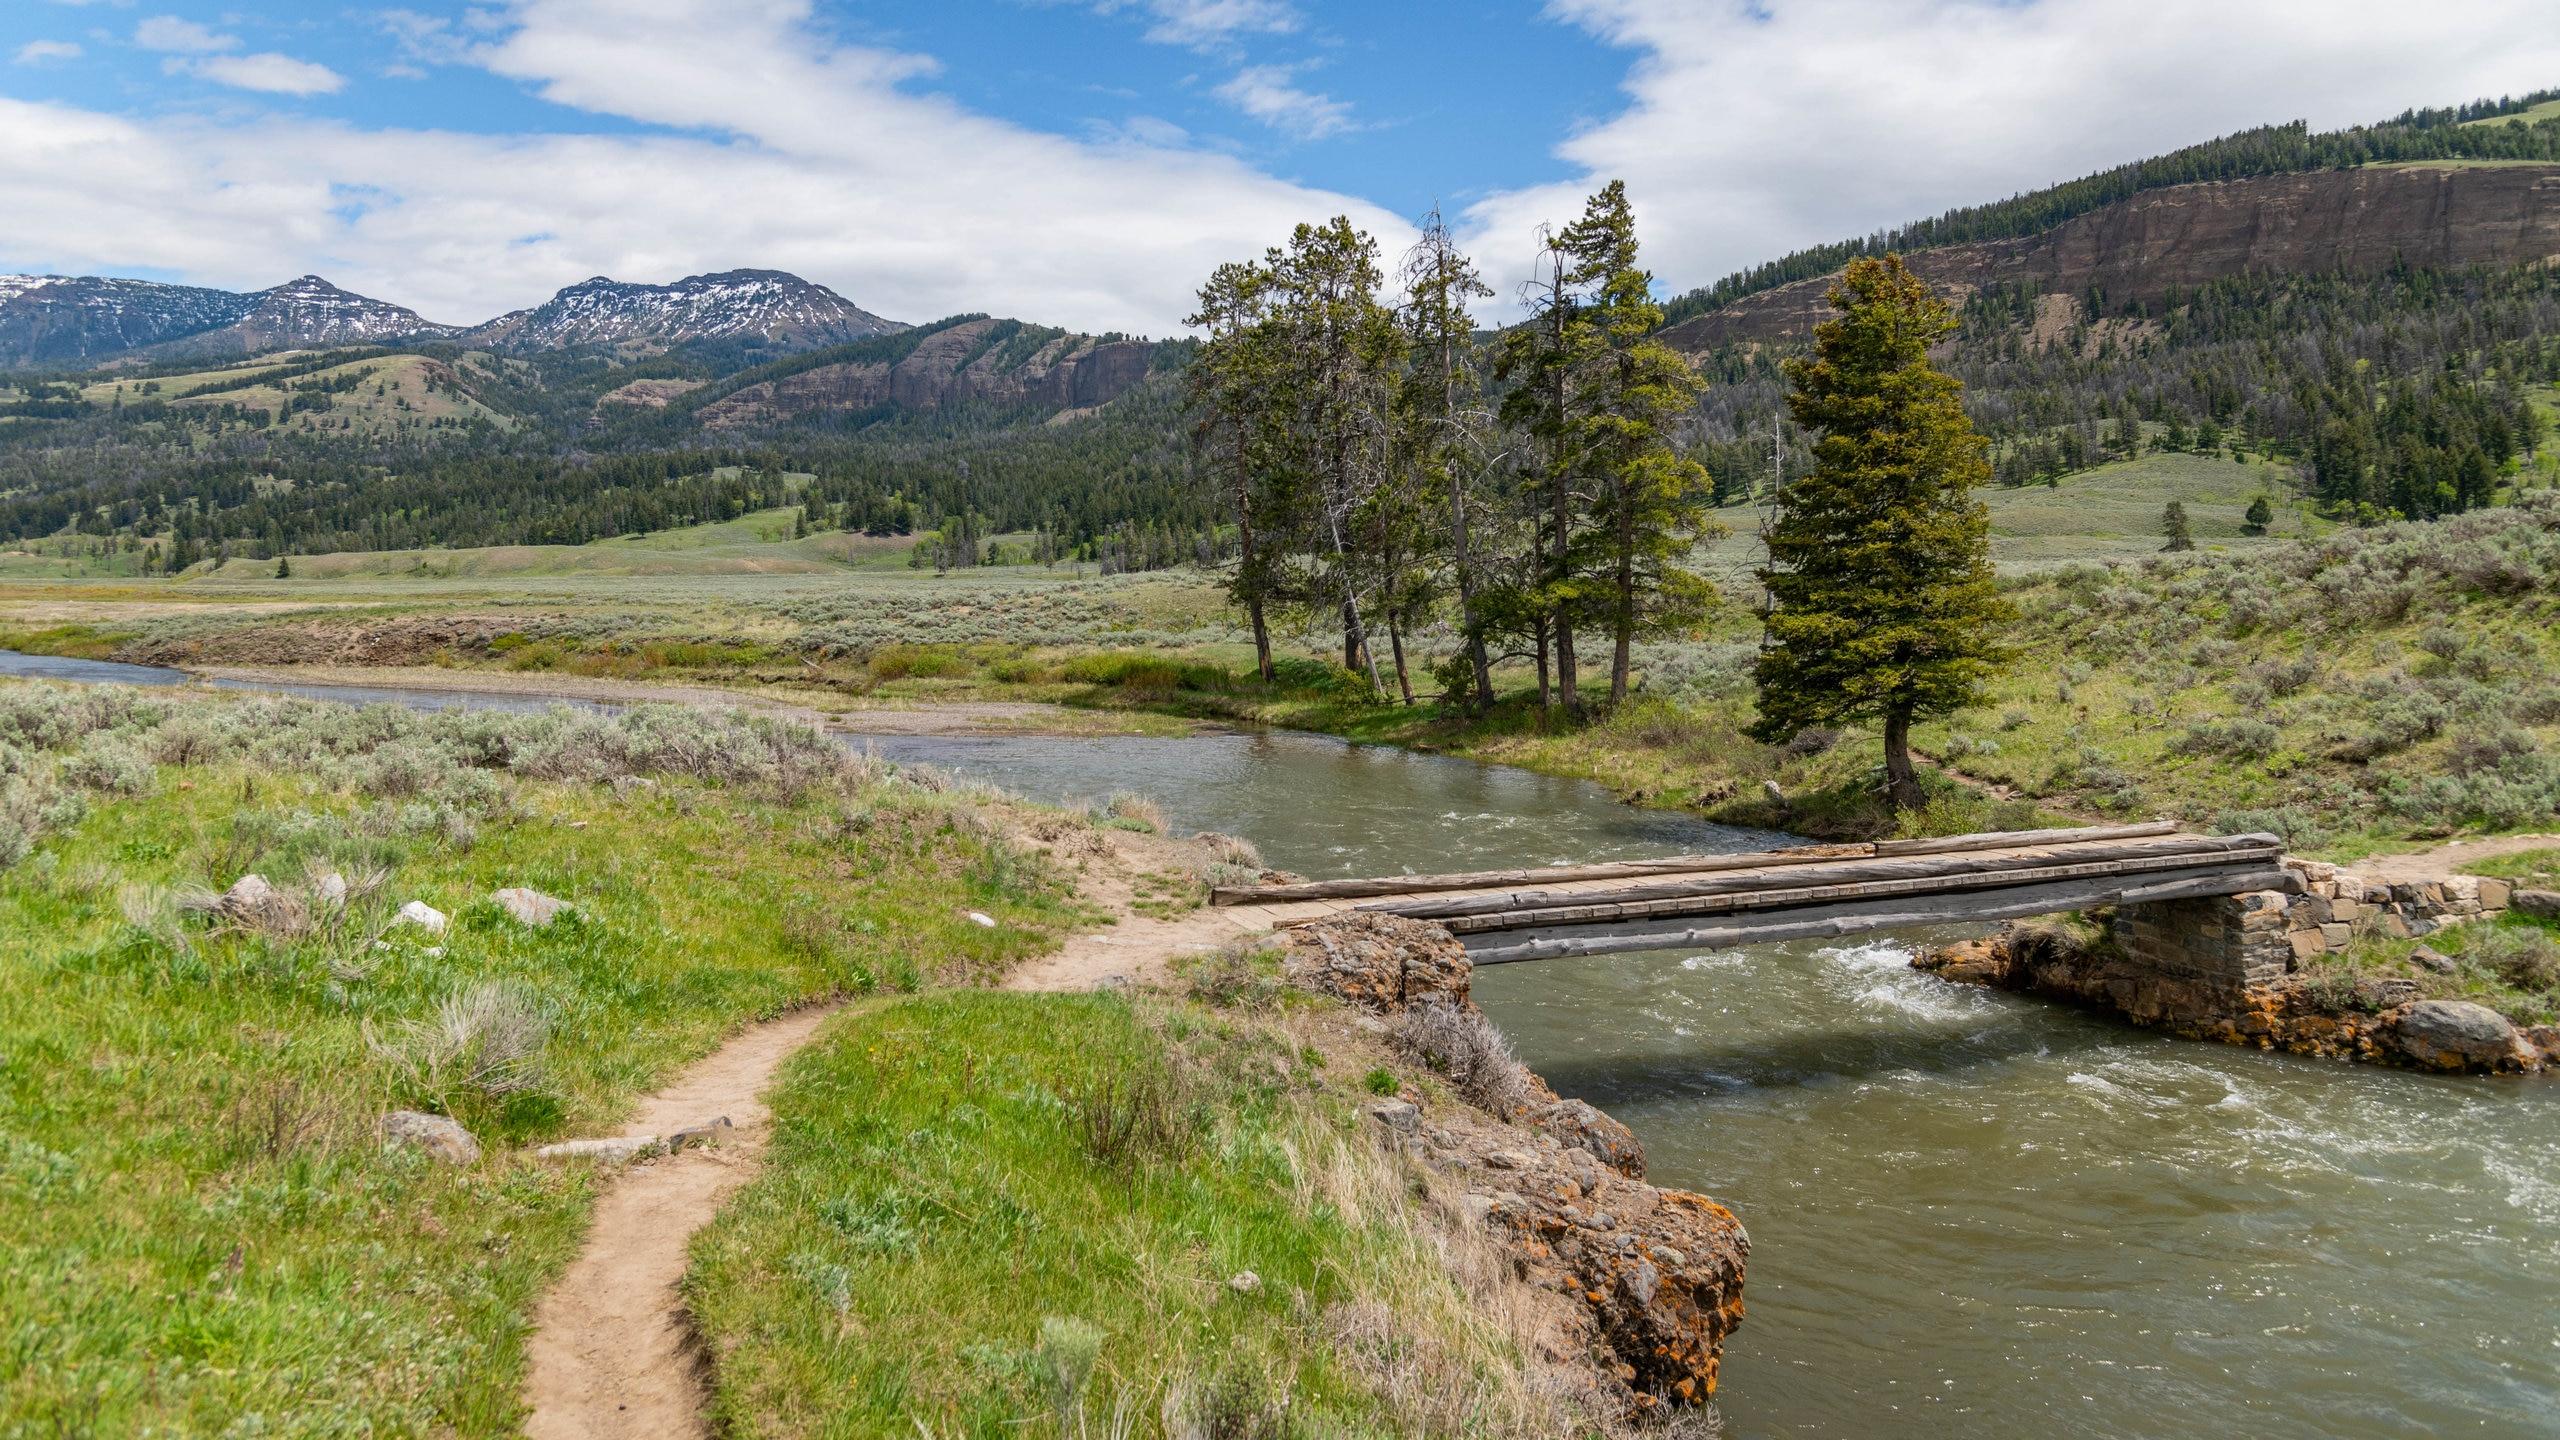 Staunen Sie über die vielfältige Pflanzenwelt von Lamar Valley, einer bezaubernden grünen Oase in Yellowstone Nationalpark. Entdecken Sie die Wasserfälle und die Thermalquellen der Gegend.